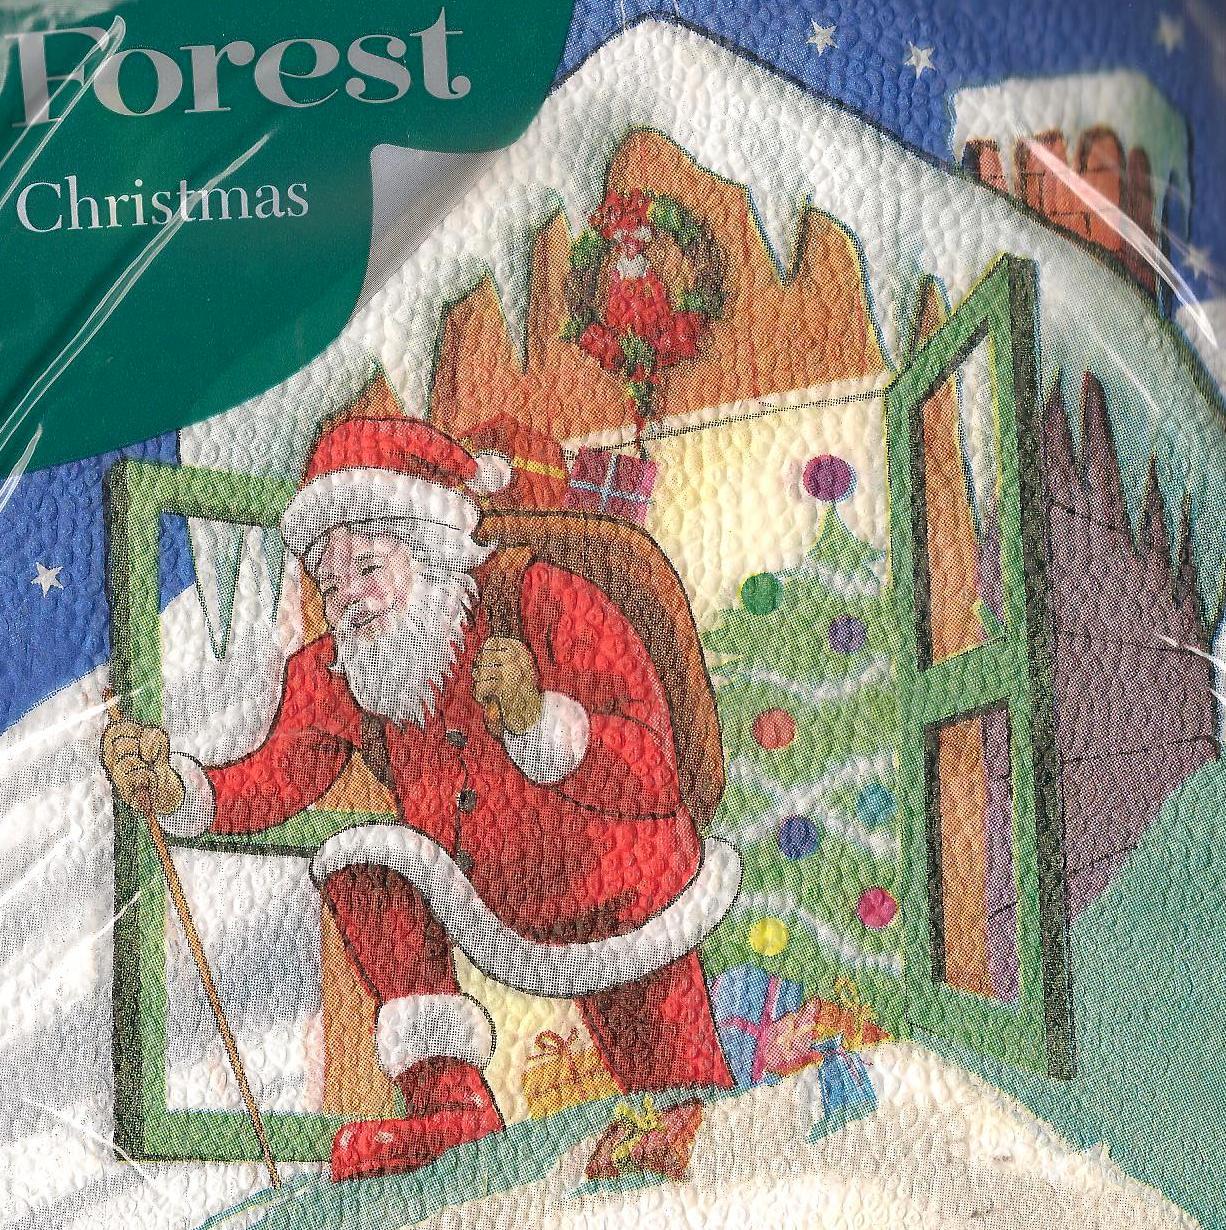 Forest Vánoční papírové ubrousky Děda mráz 1 vrstvé 33 x 33 cm 20 kusů